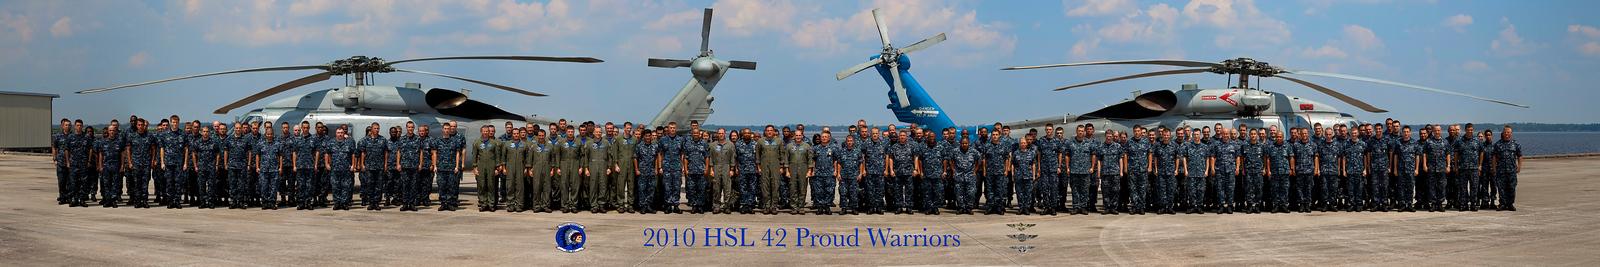 HSL42_2010atAttentionwText